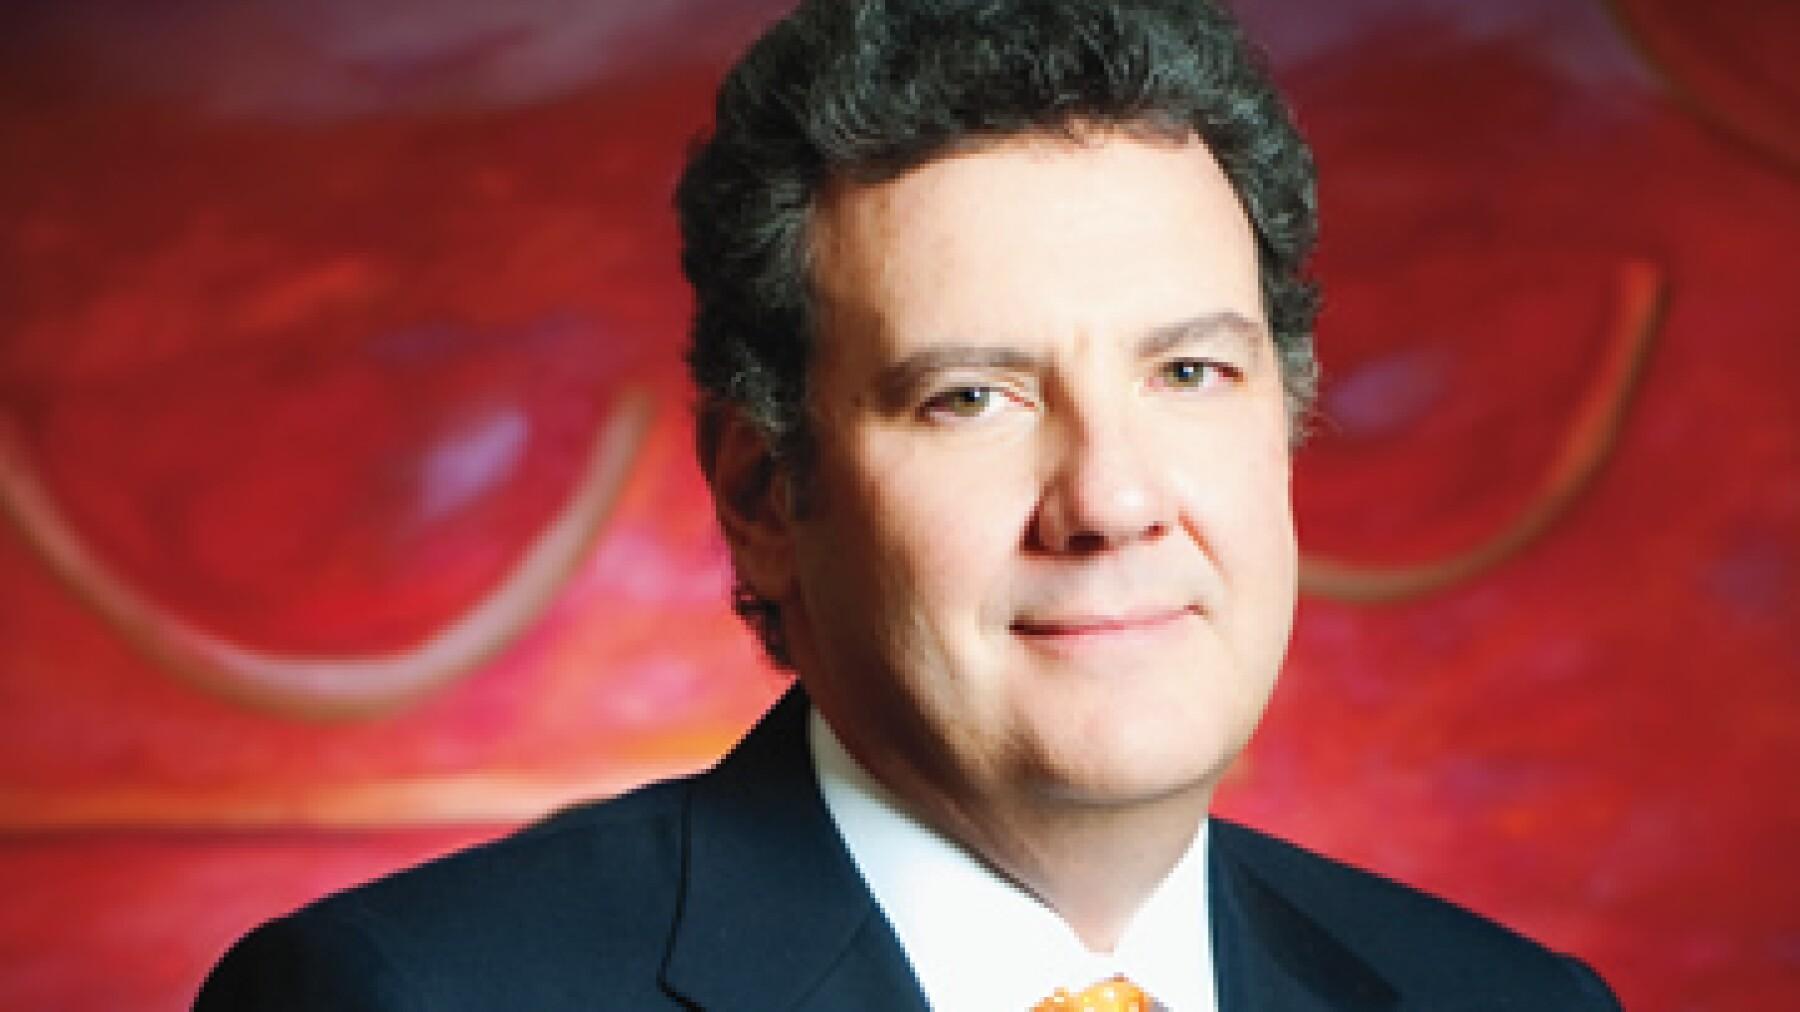 Pablo Azcárraga logró reducir la deuda de Grupo Posadas tras vender 15 hoteles en Sudamérica. (Foto: Carlos Aranda / Mondaphoto)